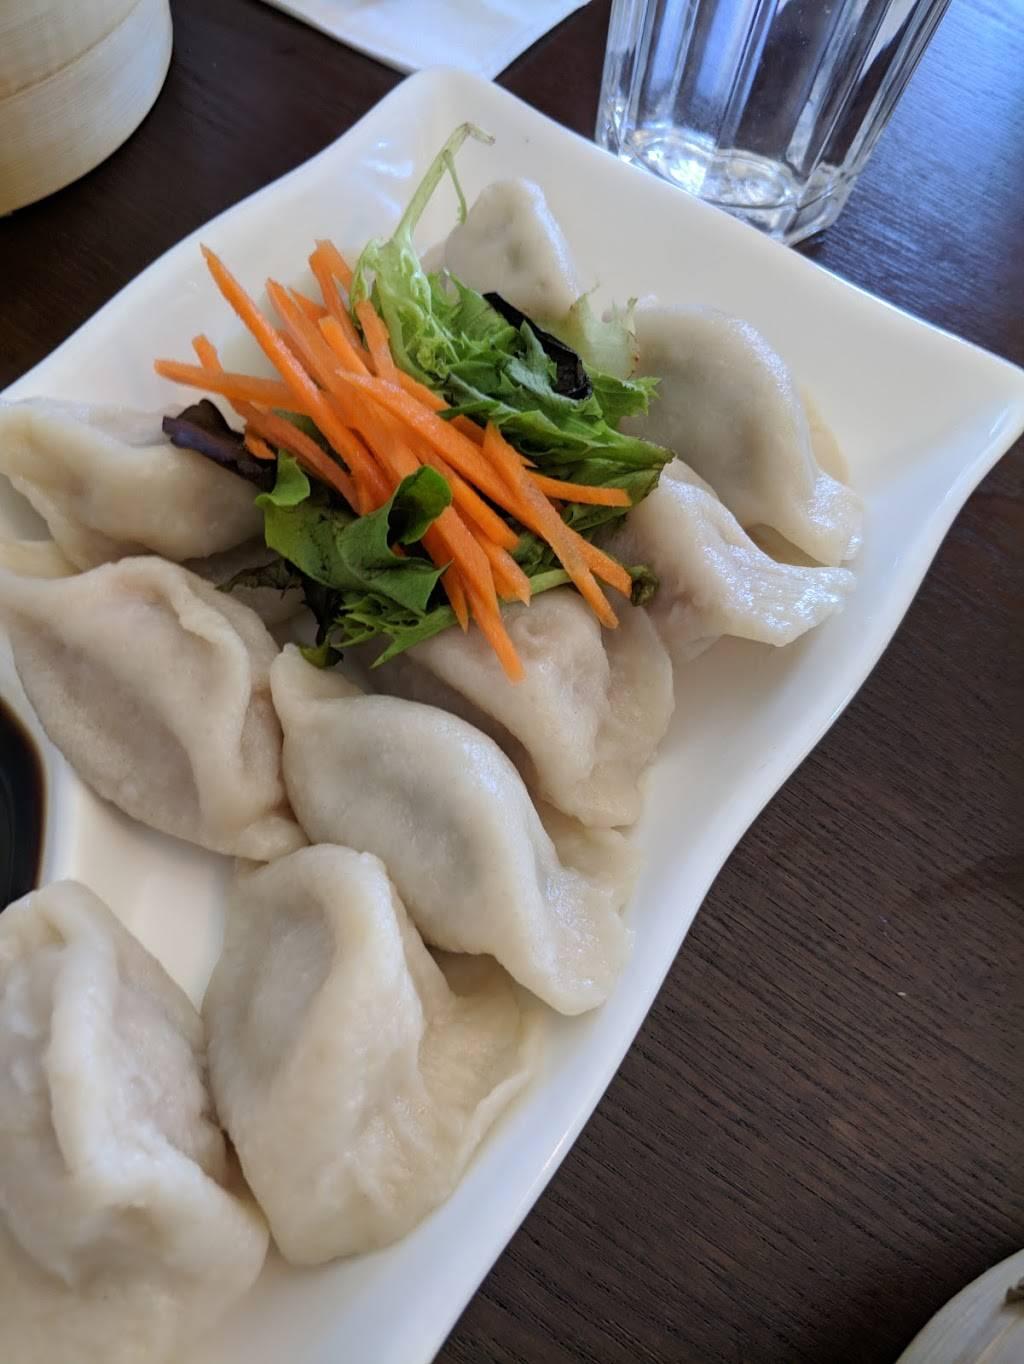 Dumpling Era | restaurant | 354 El Camino Real, San Bruno, CA 94066, USA | 6507379899 OR +1 650-737-9899